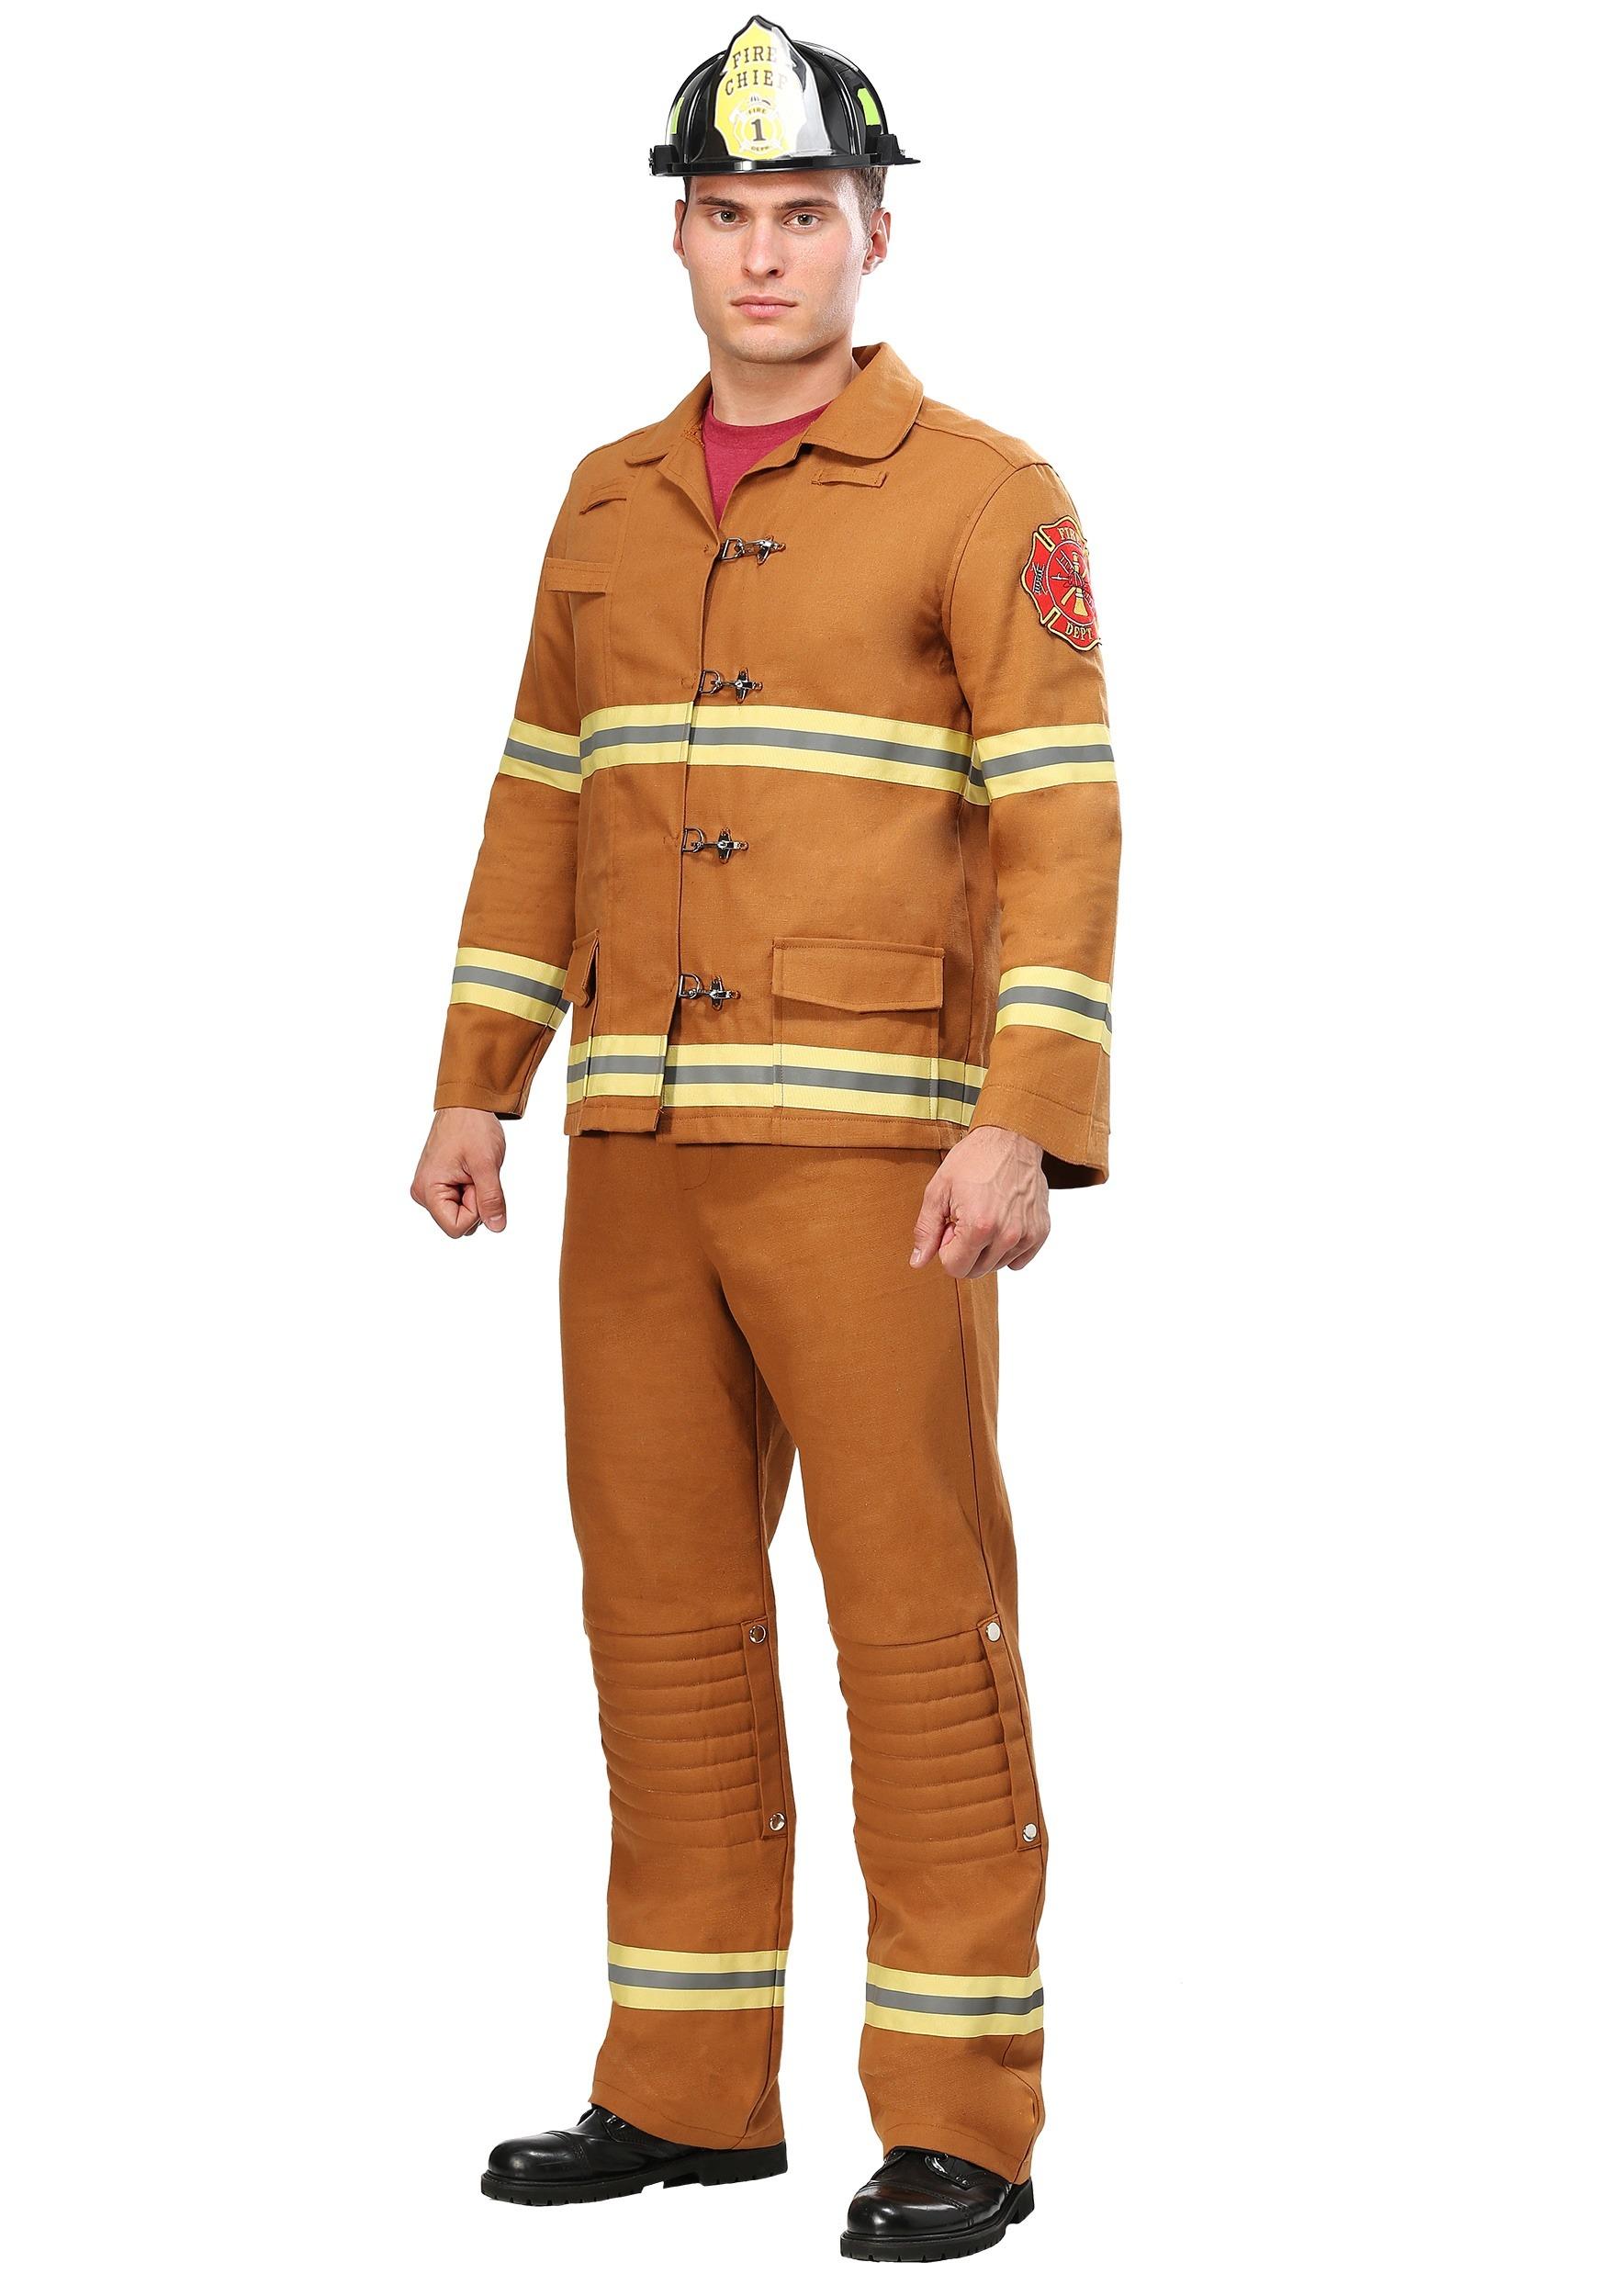 Tan Firefighter Uniform Costume for Men